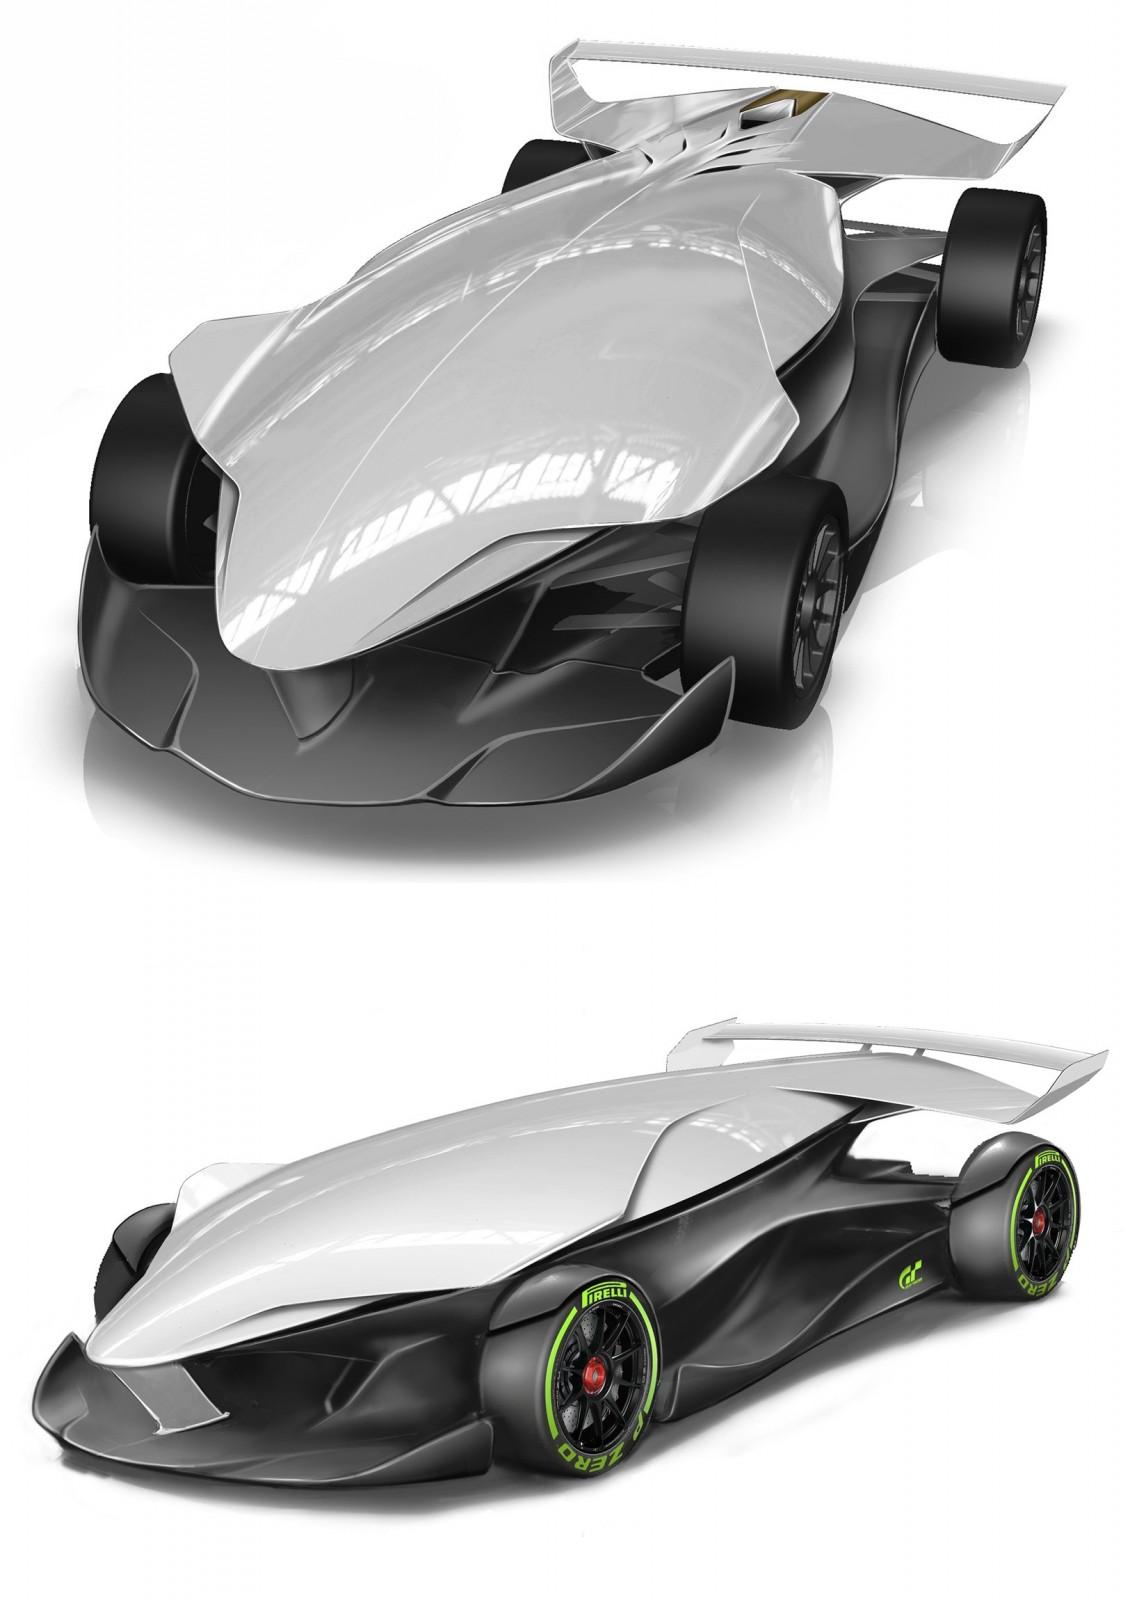 2015 ed design torq concept. Black Bedroom Furniture Sets. Home Design Ideas